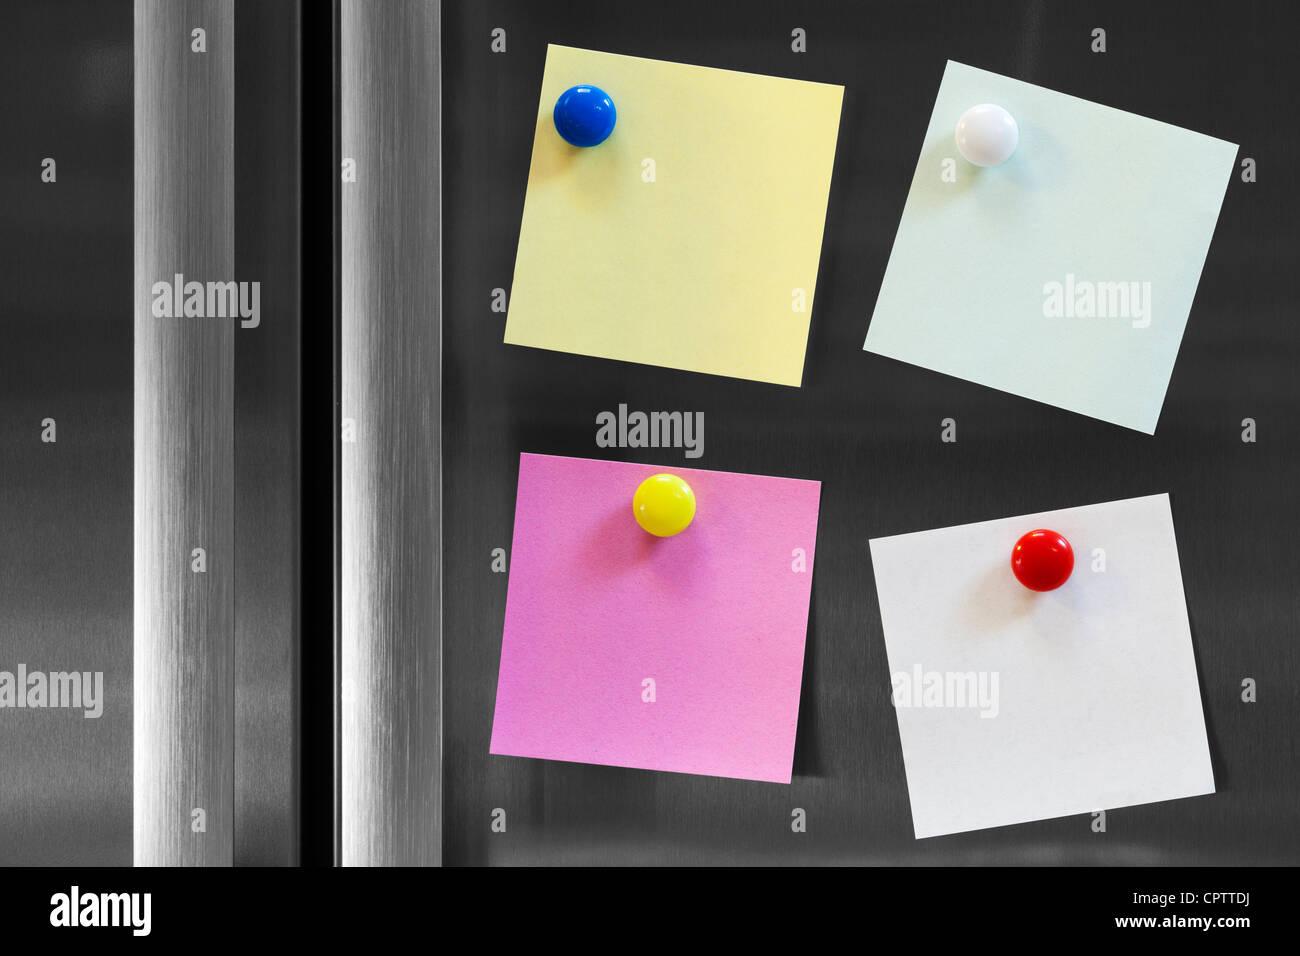 Quattro note colorate attaccato al frigo con magneti per il frigo, pronto per il tuo messaggio. Immagini Stock